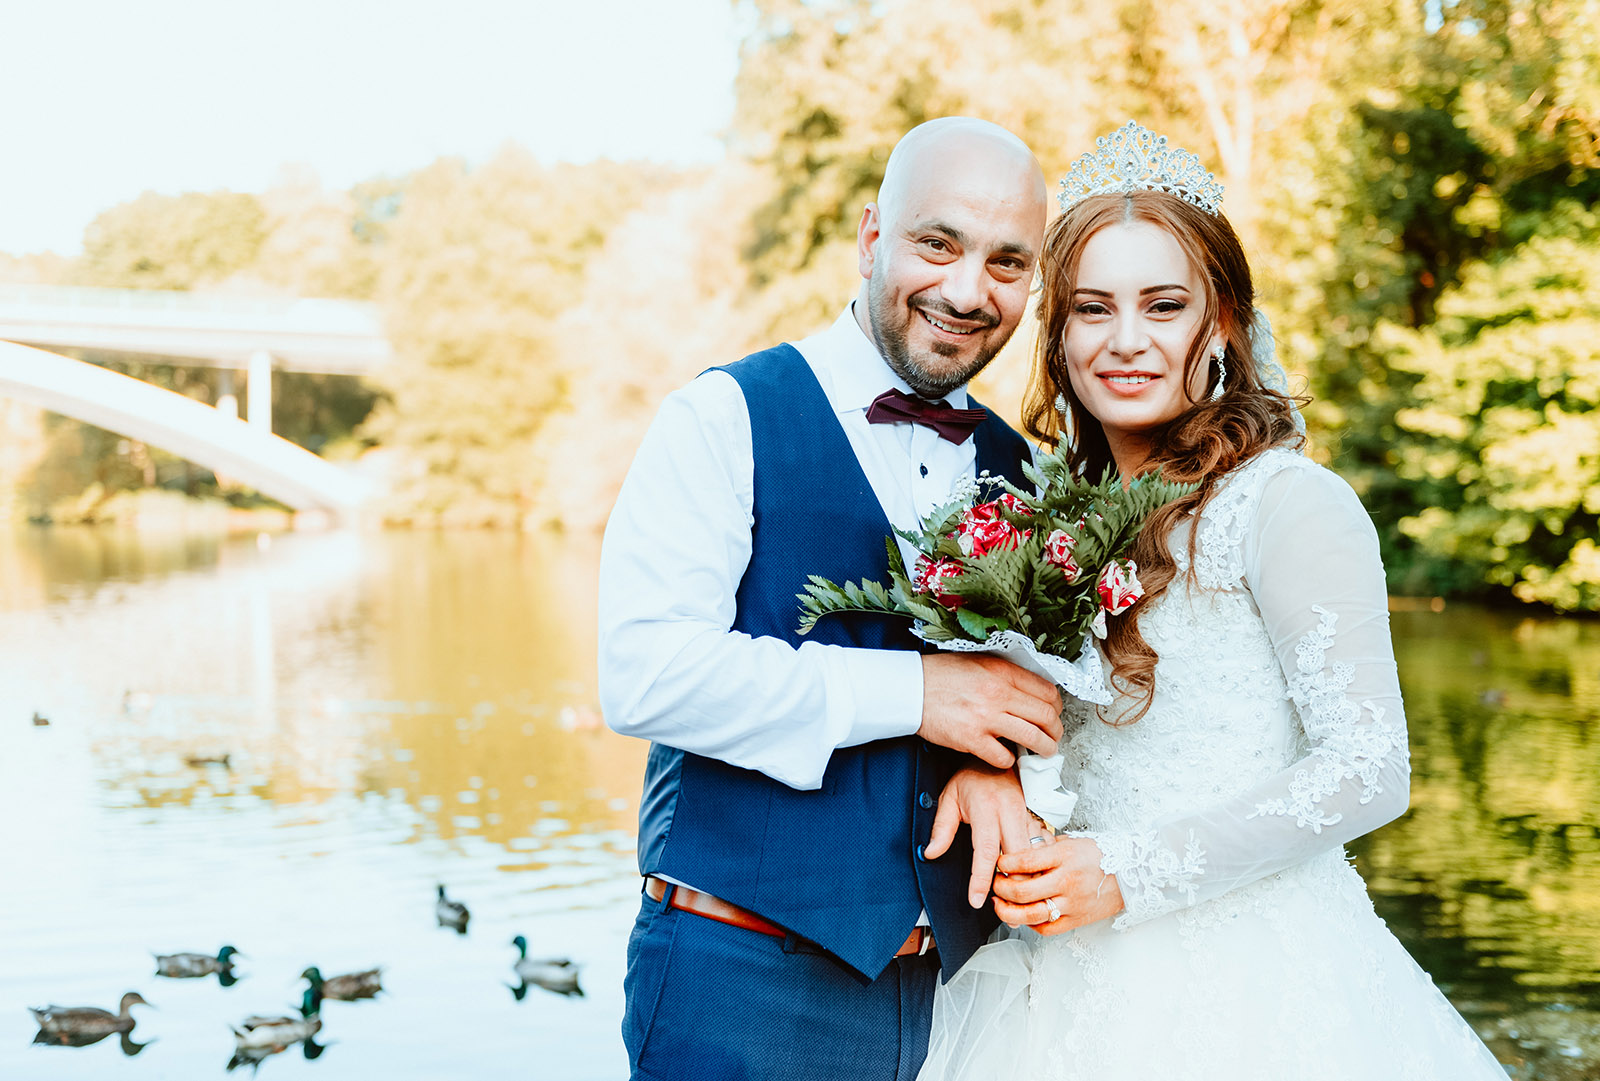 Liebesglück: Glückliches Brautpaar beim Fotoshooting